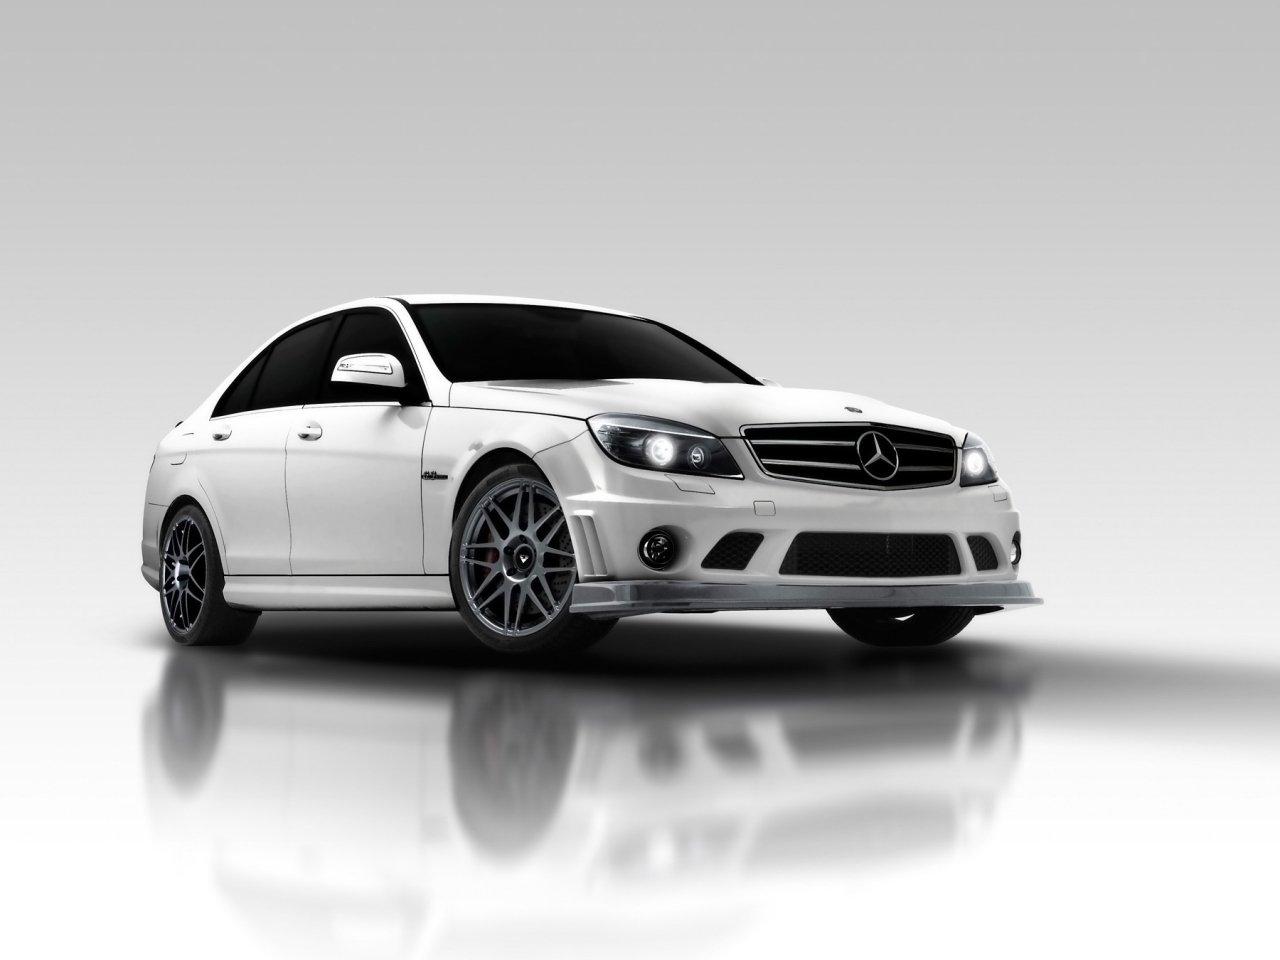 48382 скачать обои Транспорт, Машины, Мерседес (Mercedes) - заставки и картинки бесплатно